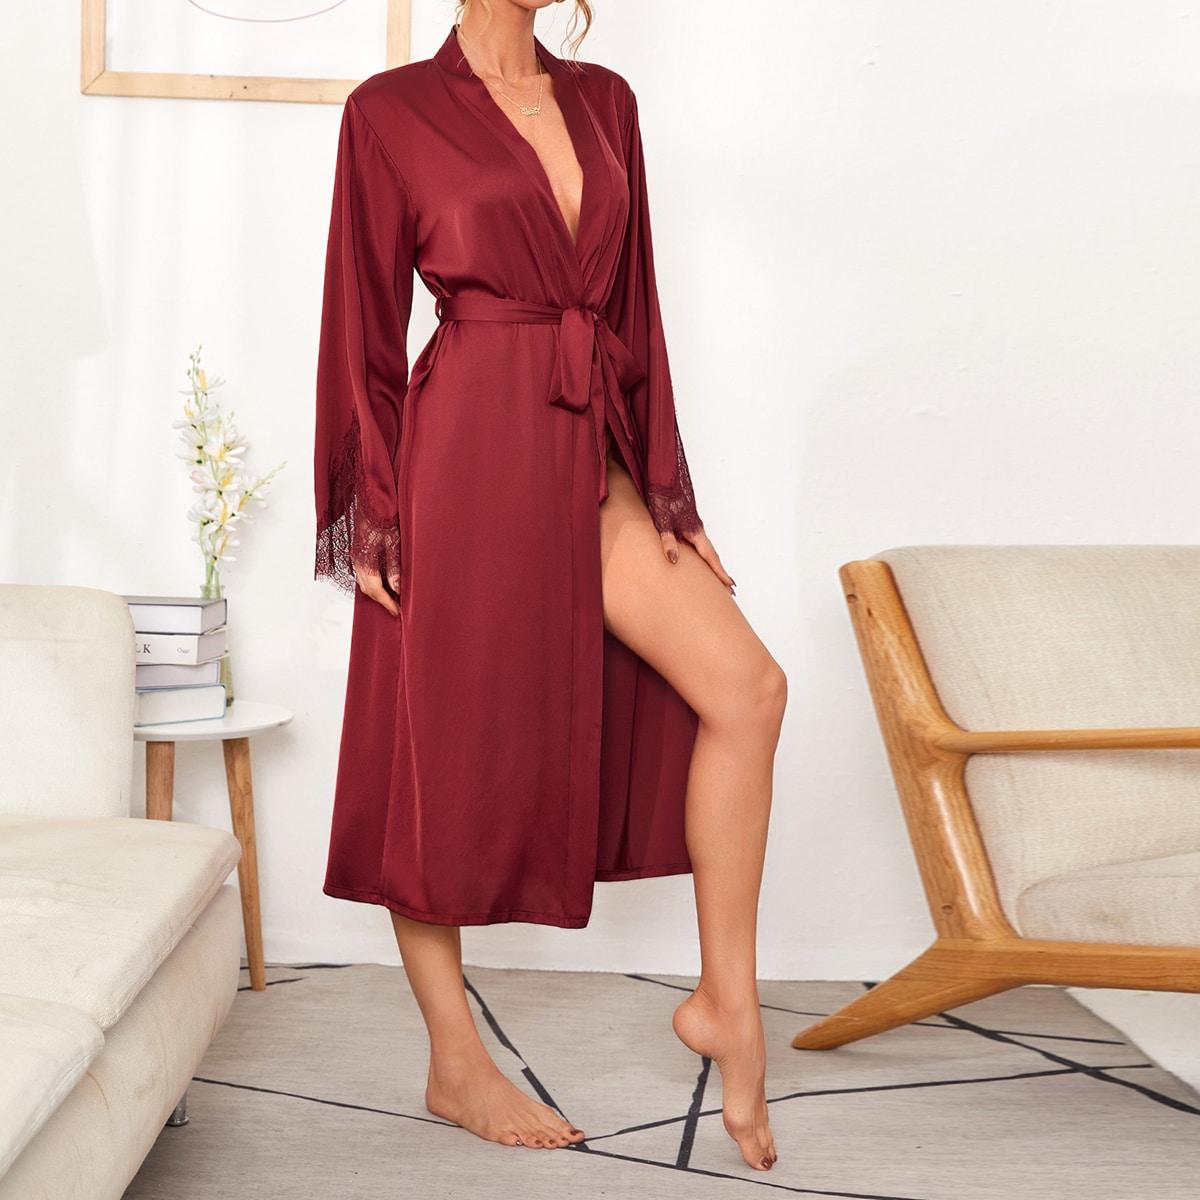 Атласный ночной халат с поясом и кружевной отделкой